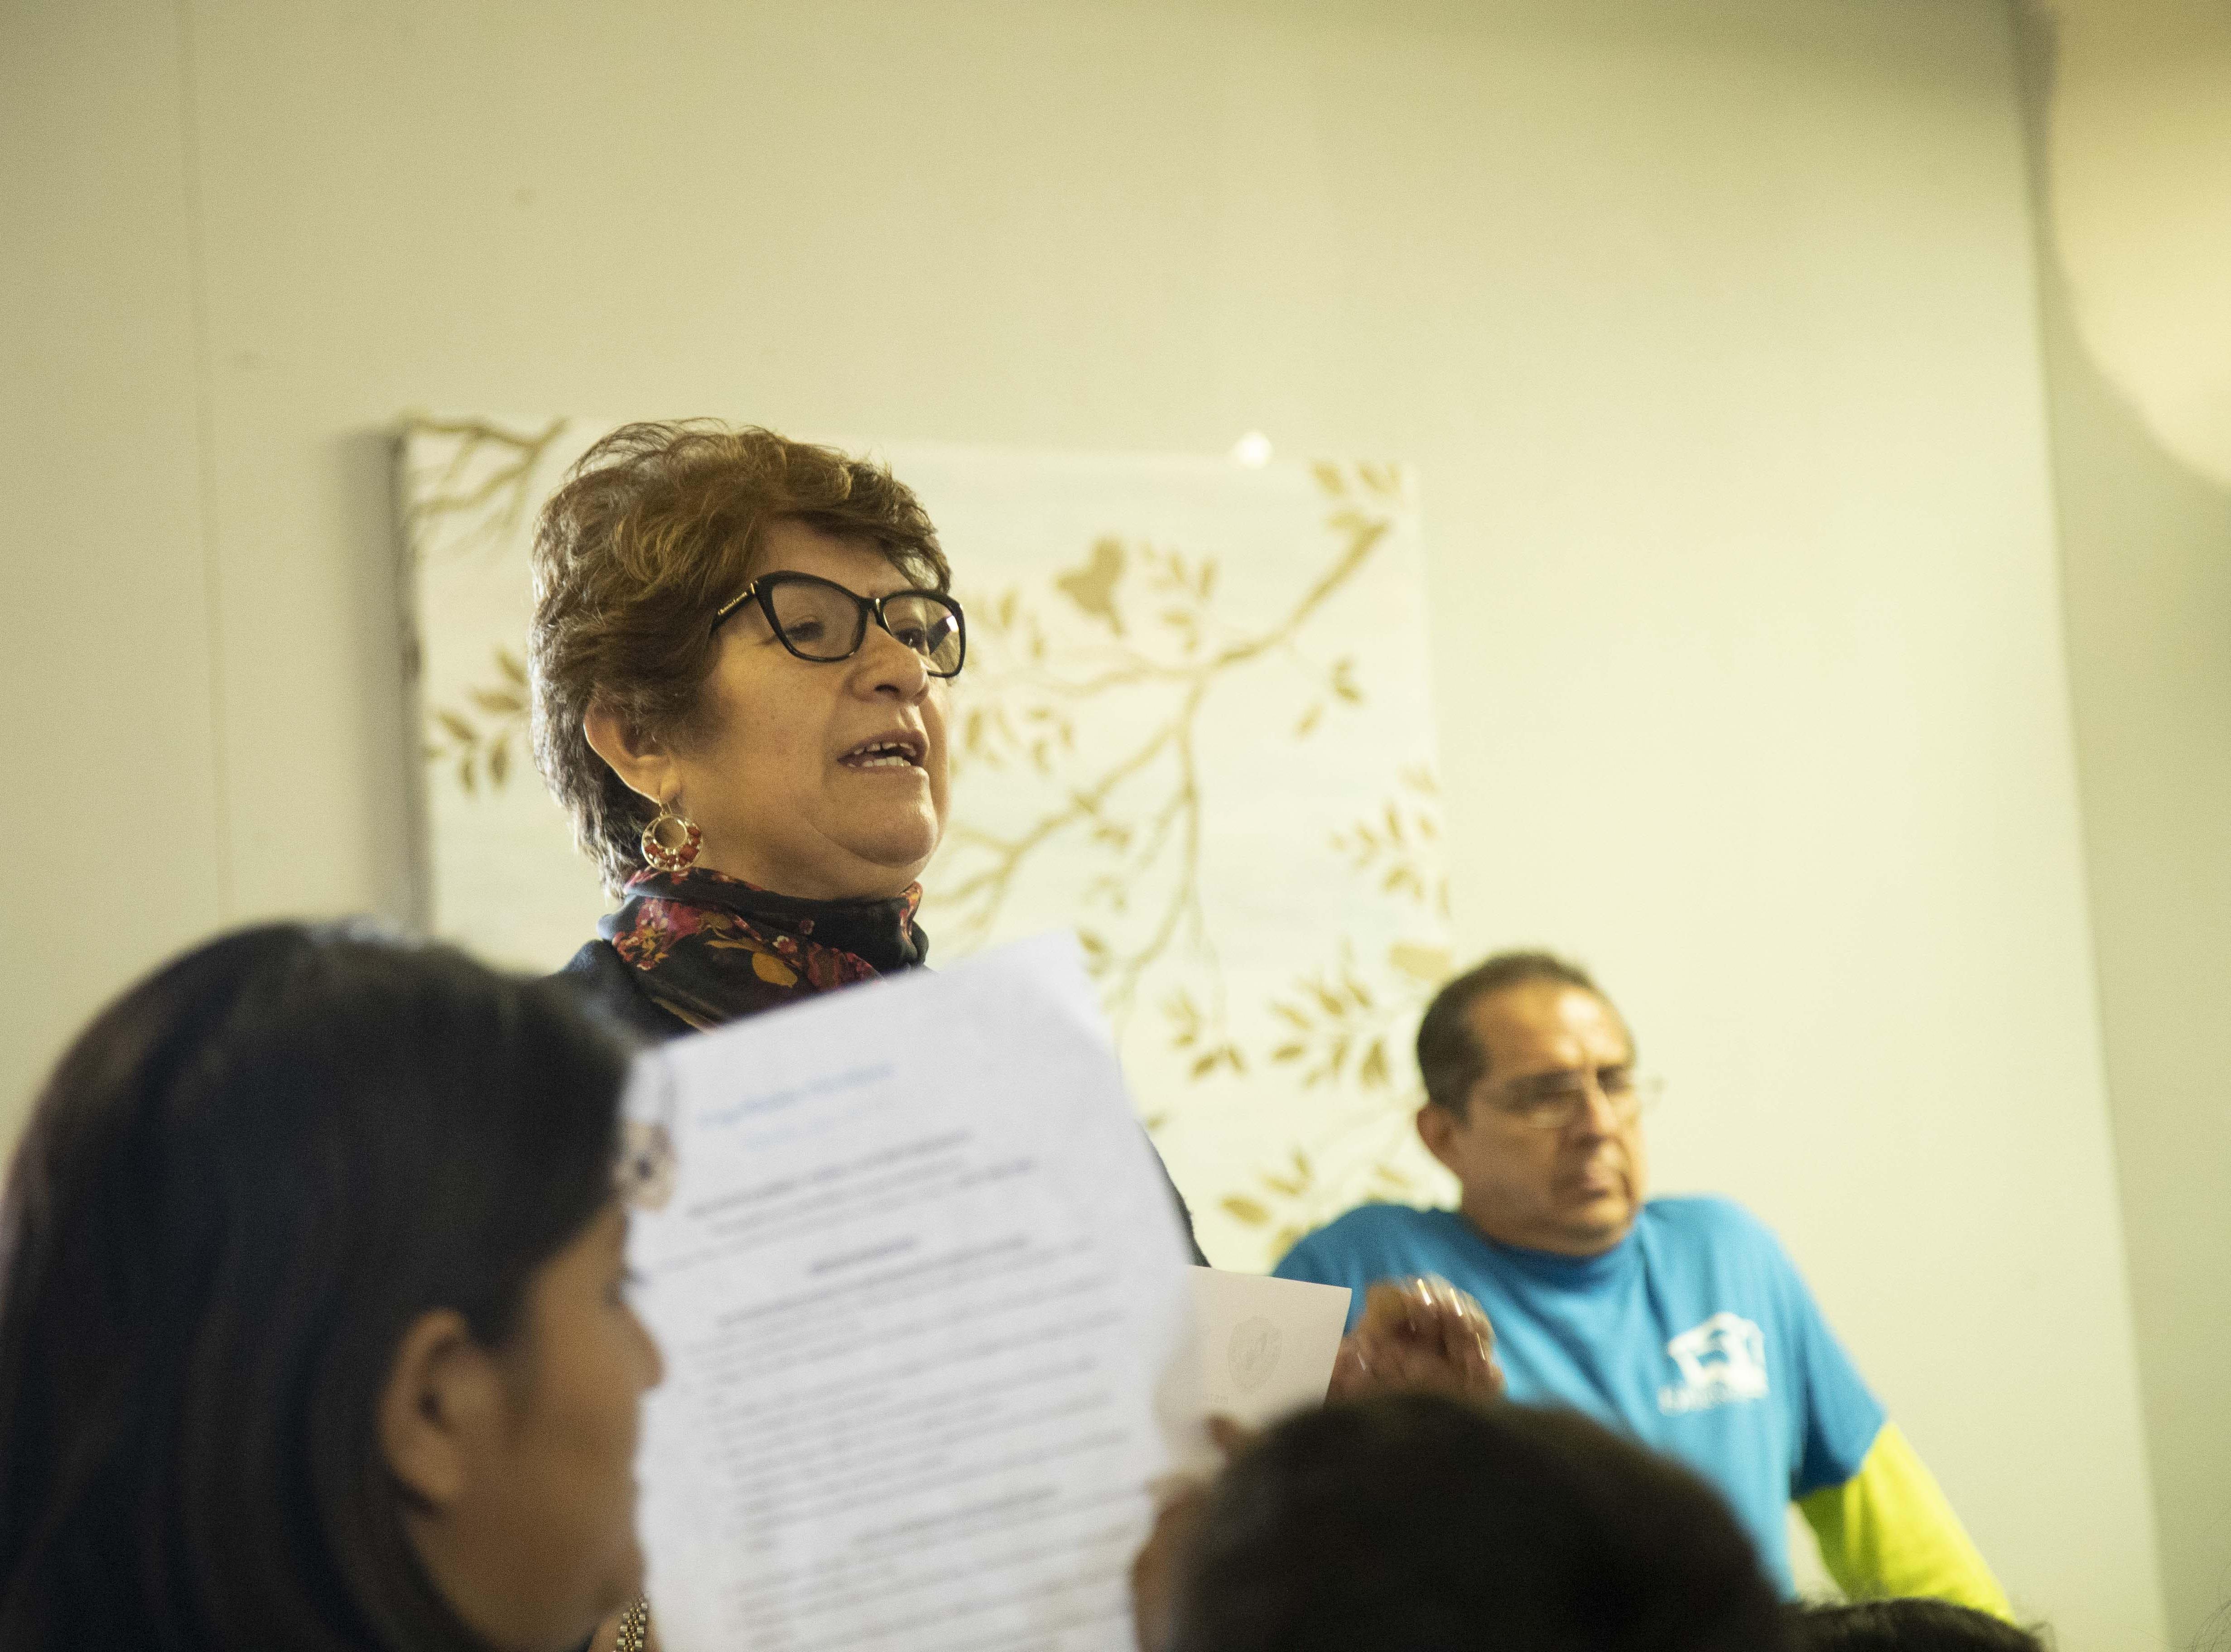 Casa de Oracion Number 2 in north Phoenix takes in migrant families.